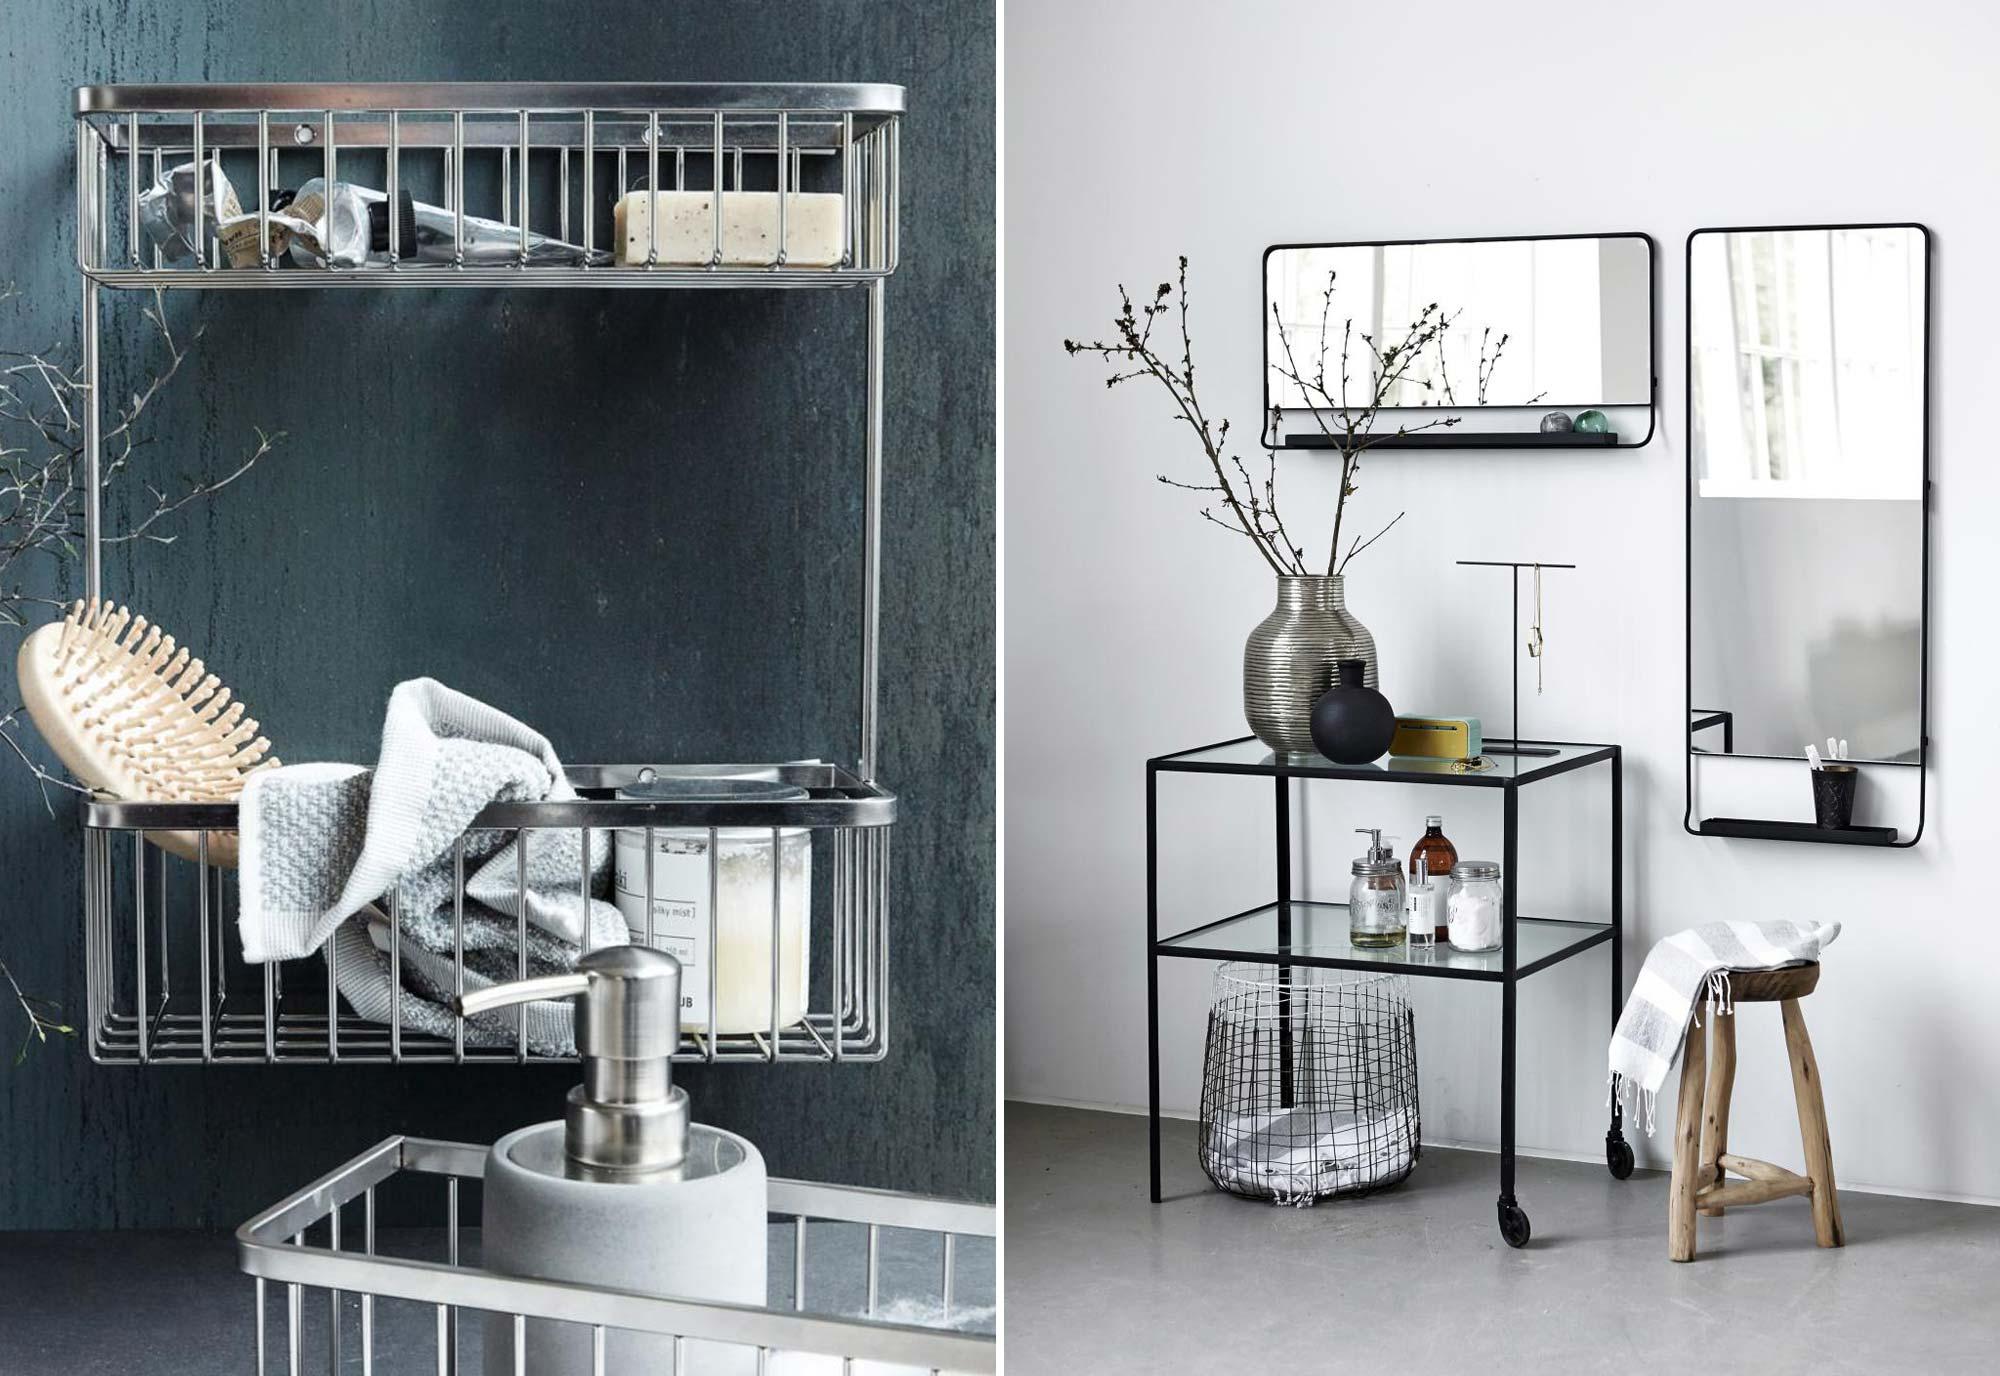 Opbergrekken - Badkamer - Musthaves voor een mooie badkamer